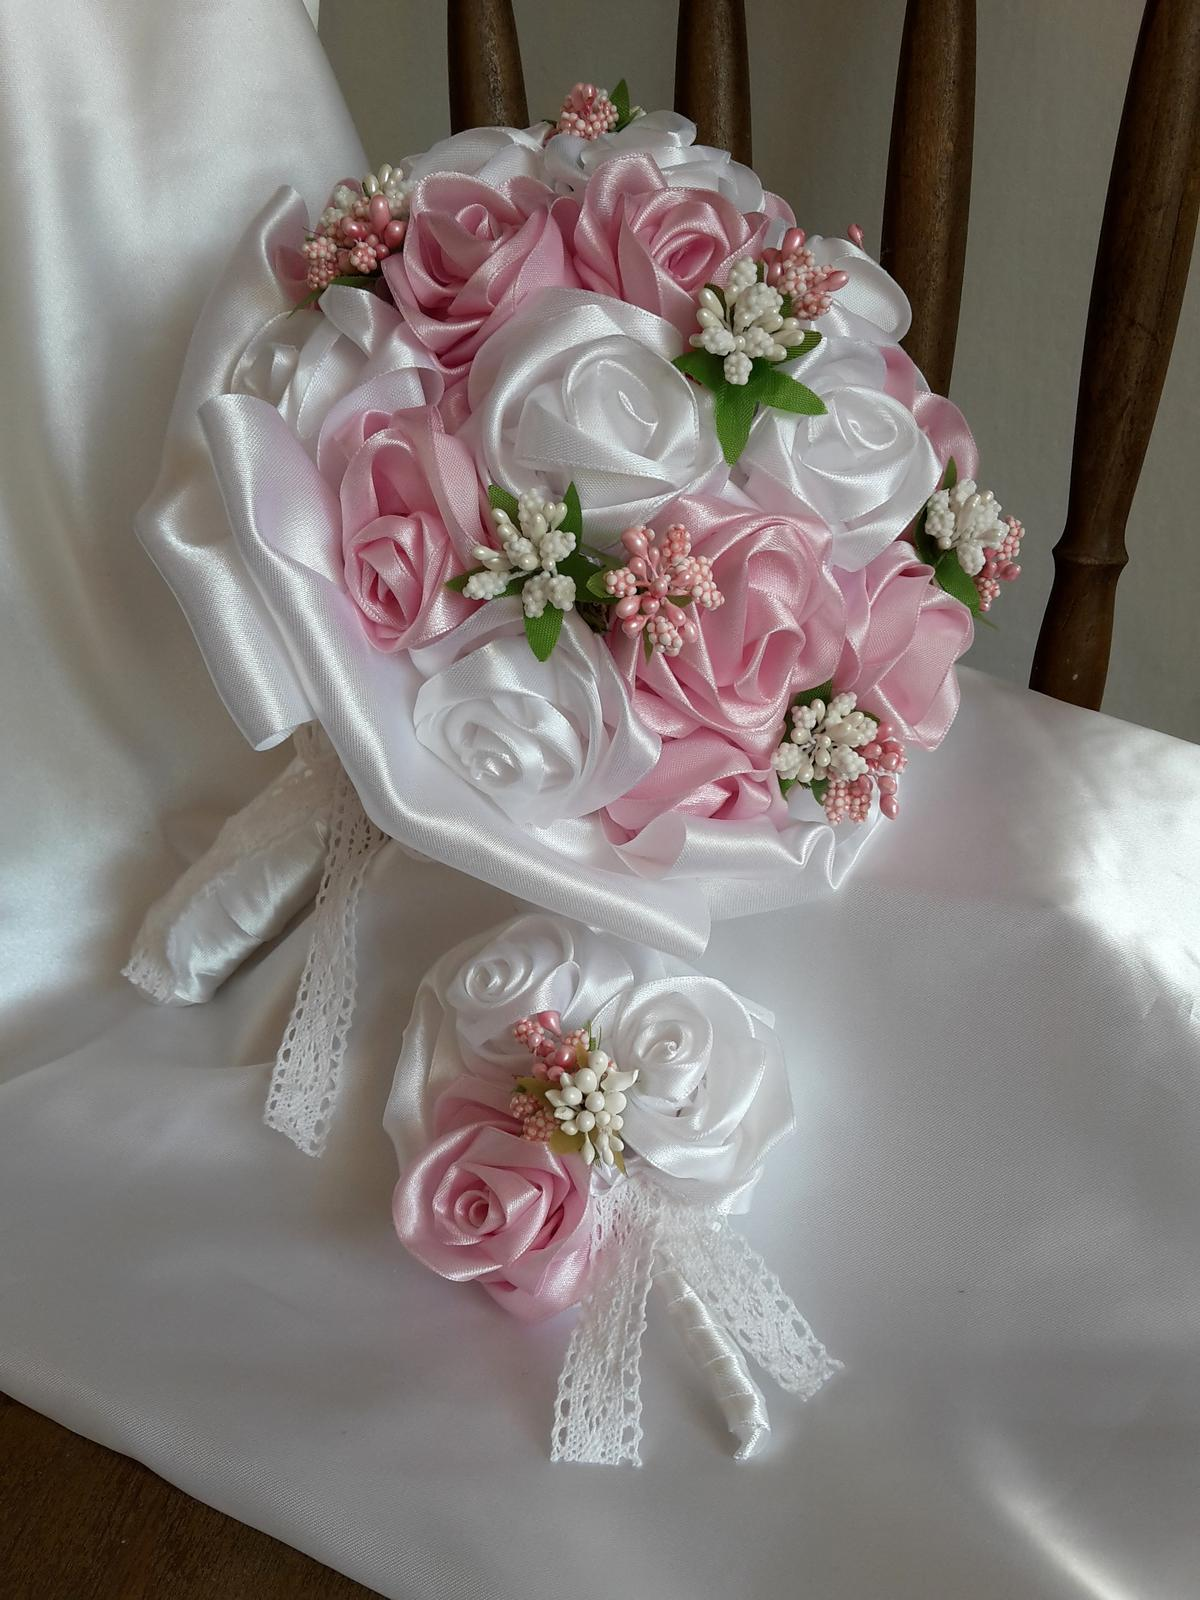 Saténové ruže-ružovo biele,pošta v cene - Obrázok č. 2